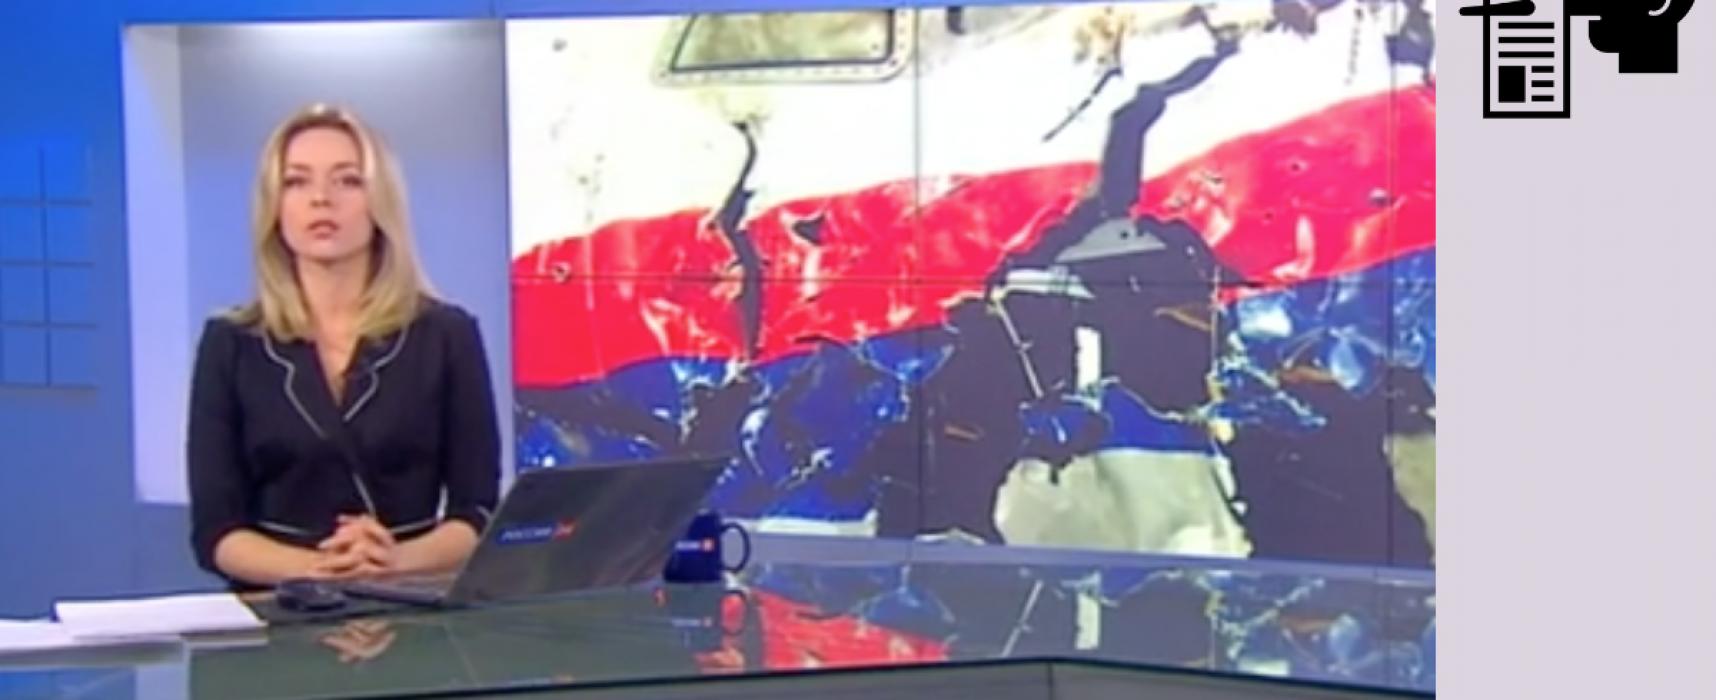 Fake: Die Niederlande machen die Ukraine für den MH17-Absturz verantwortlich